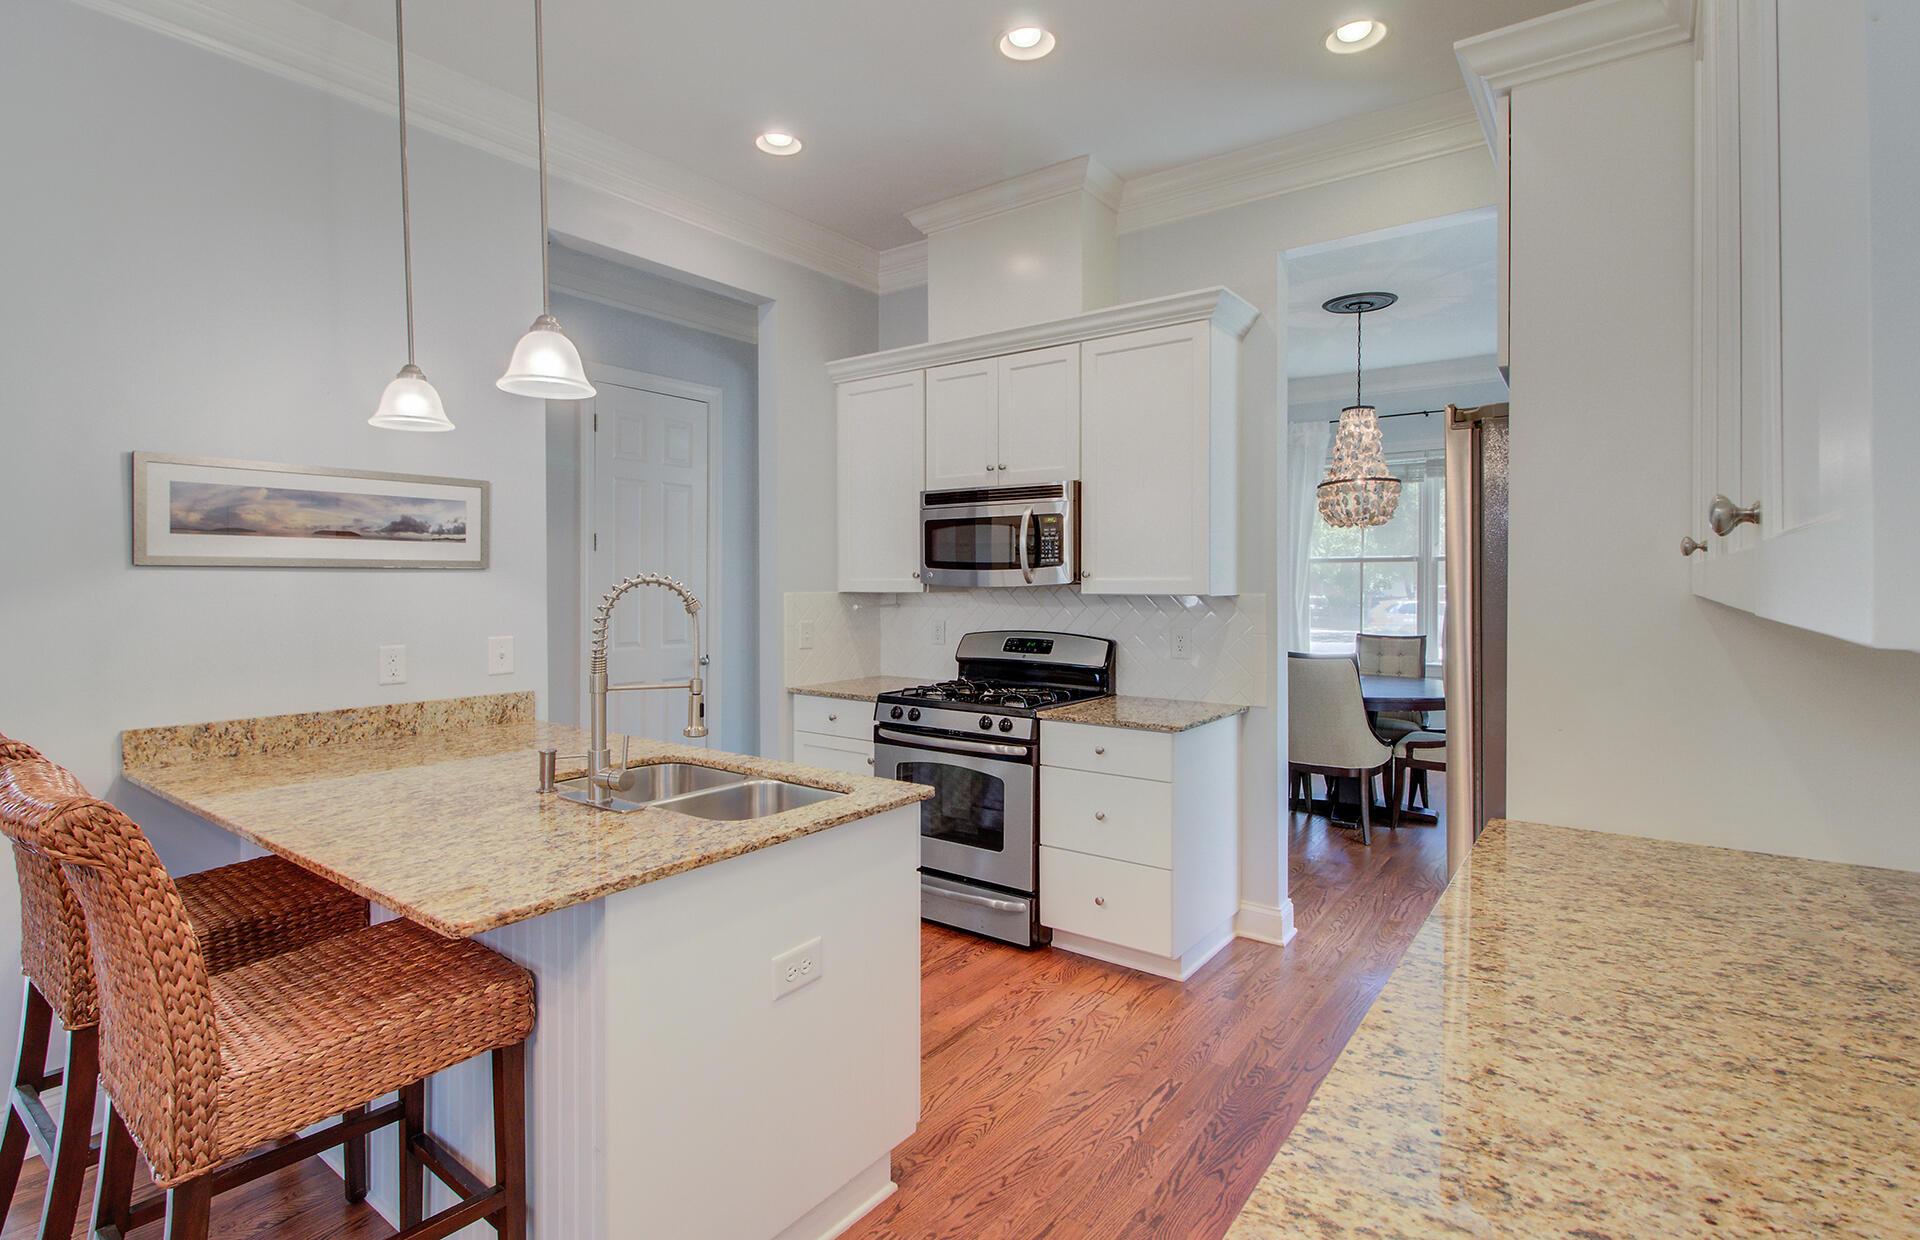 Phillips Park Homes For Sale - 1129 Phillips Park, Mount Pleasant, SC - 24